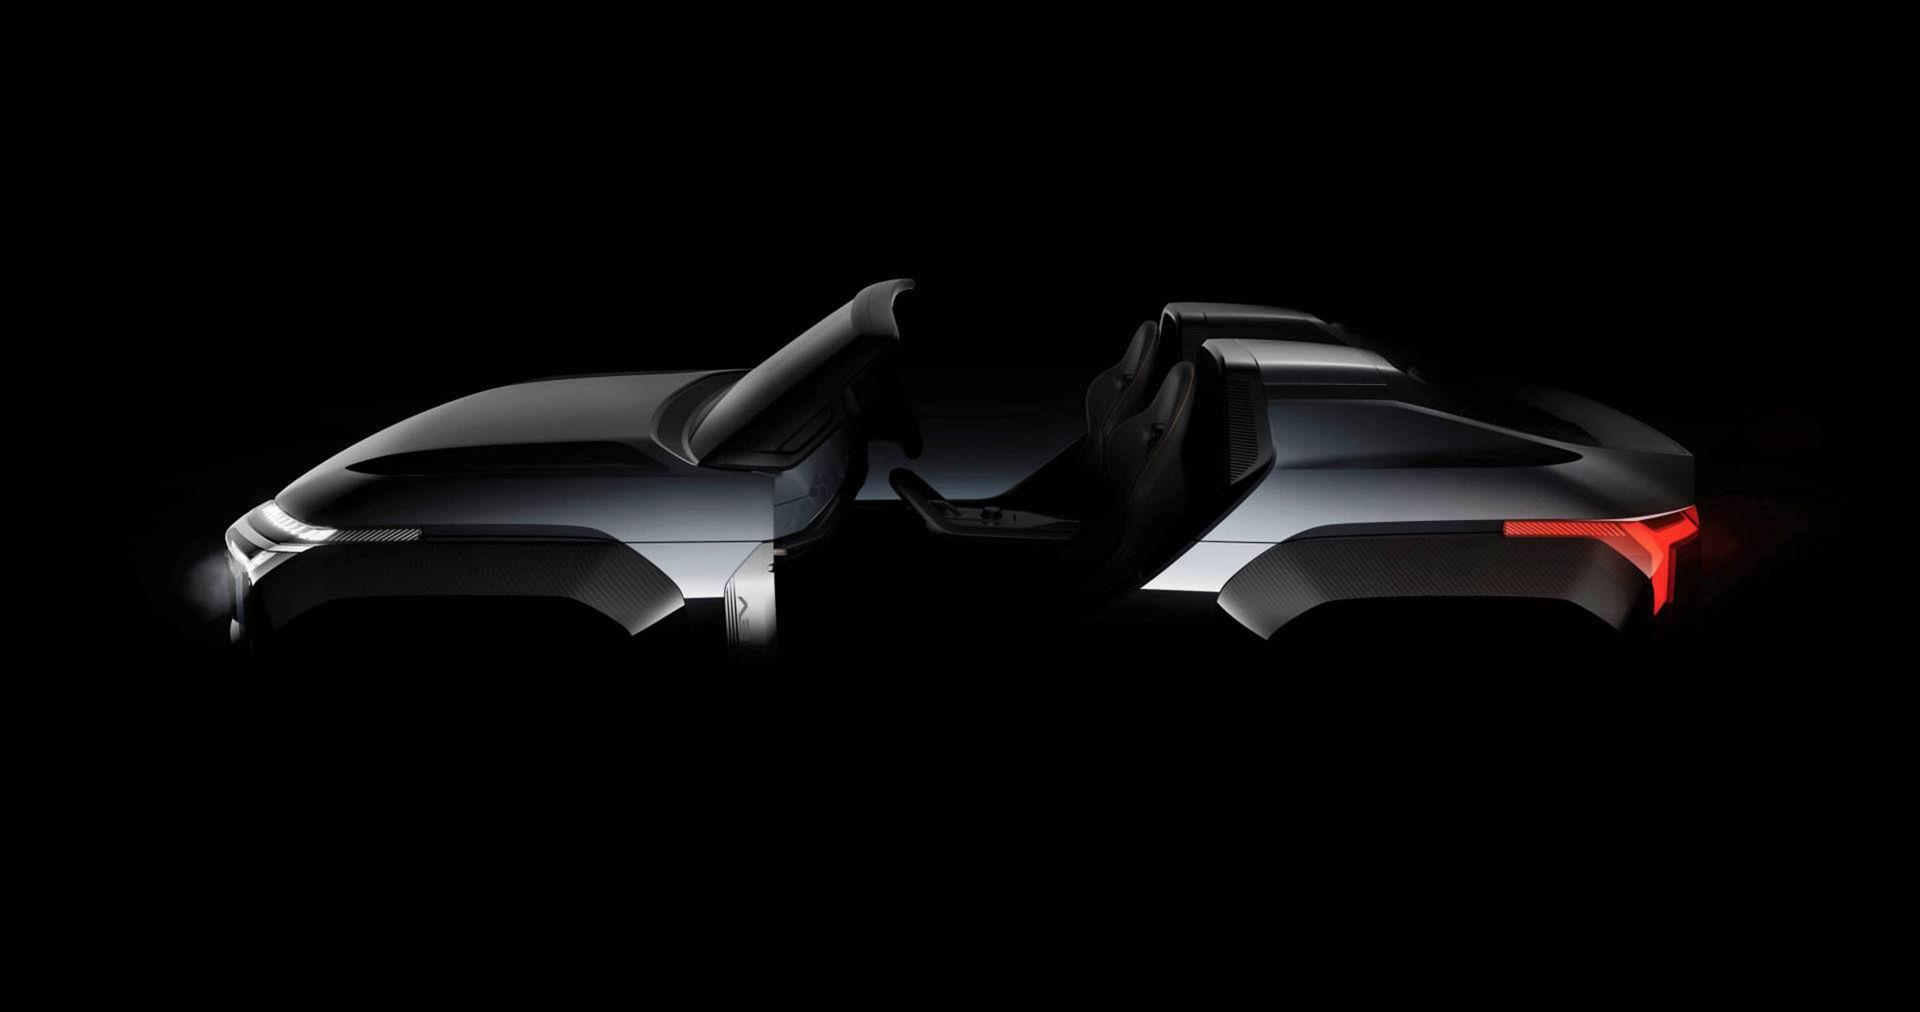 Två nya konceptbilar från Mitsubishi till Tokyo Motor Show